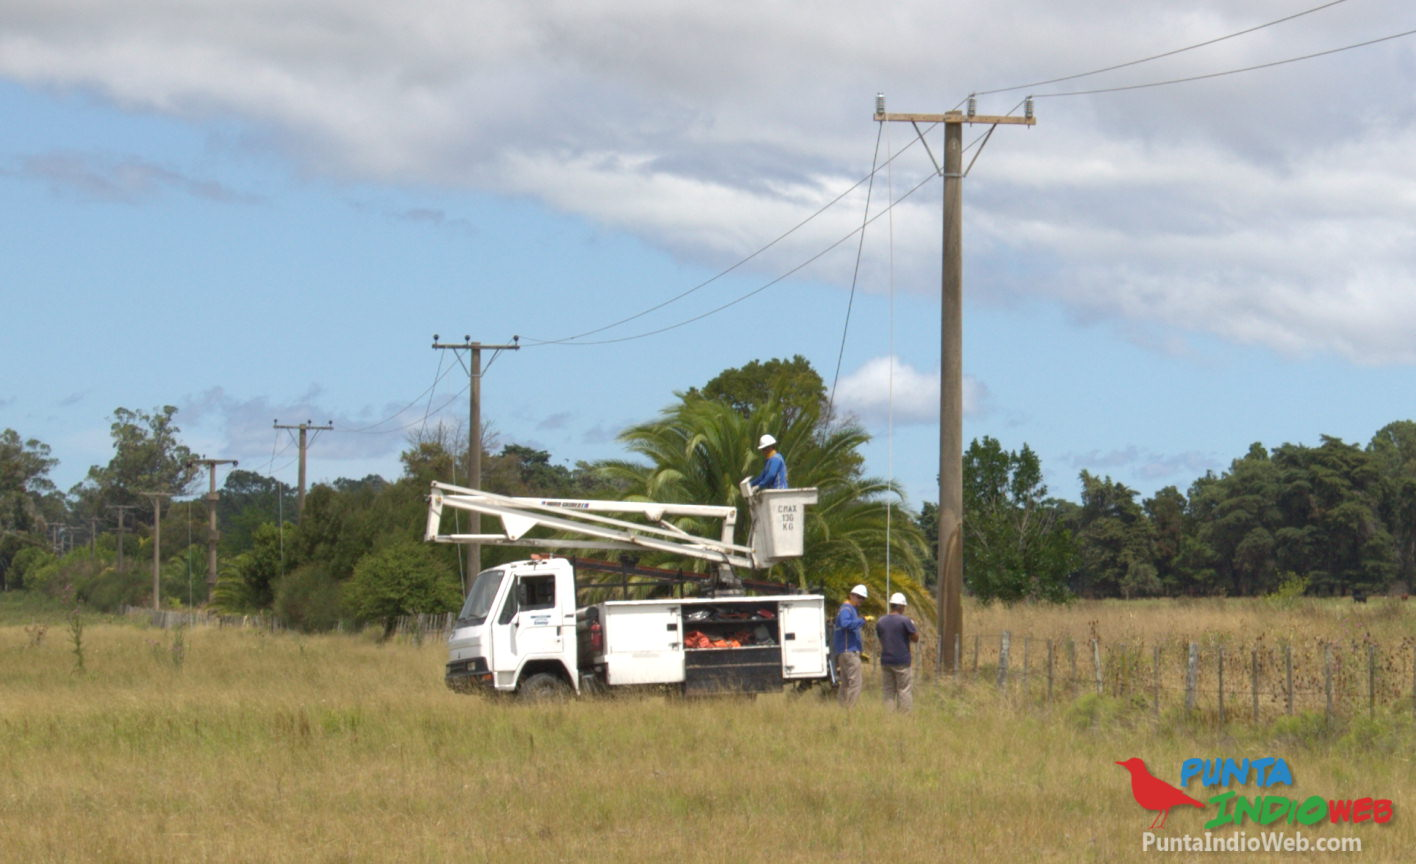 La tormenta causó caída de cables